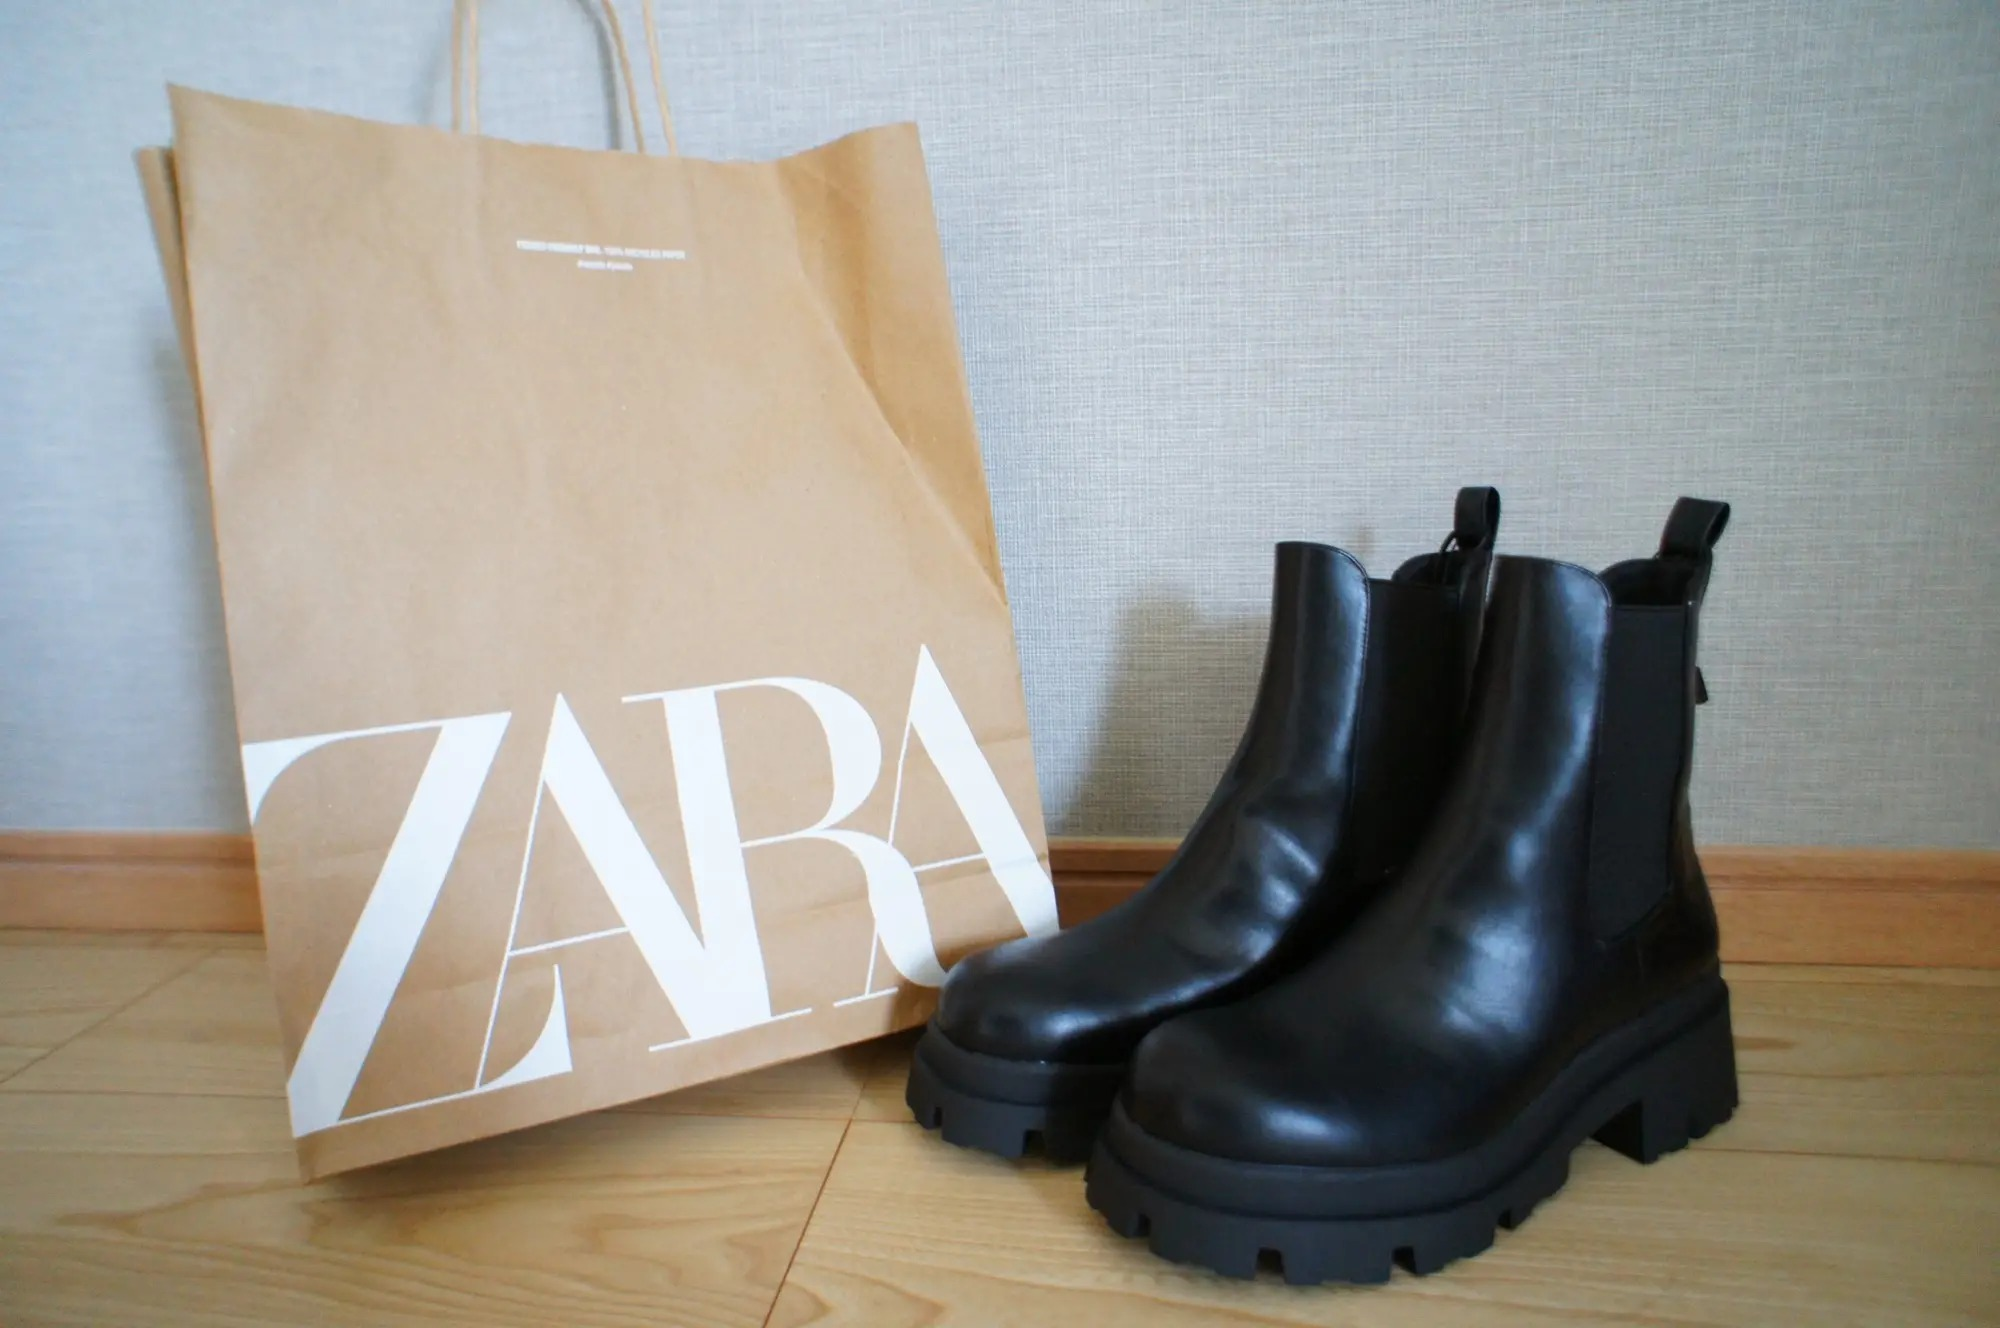 『GU』マスクの使い心地をレビュー! 『ZARA』サイドゴアブーツは見つけたら即買い♪【今週のMOREインフルエンサーズファッション人気ランキング】_2